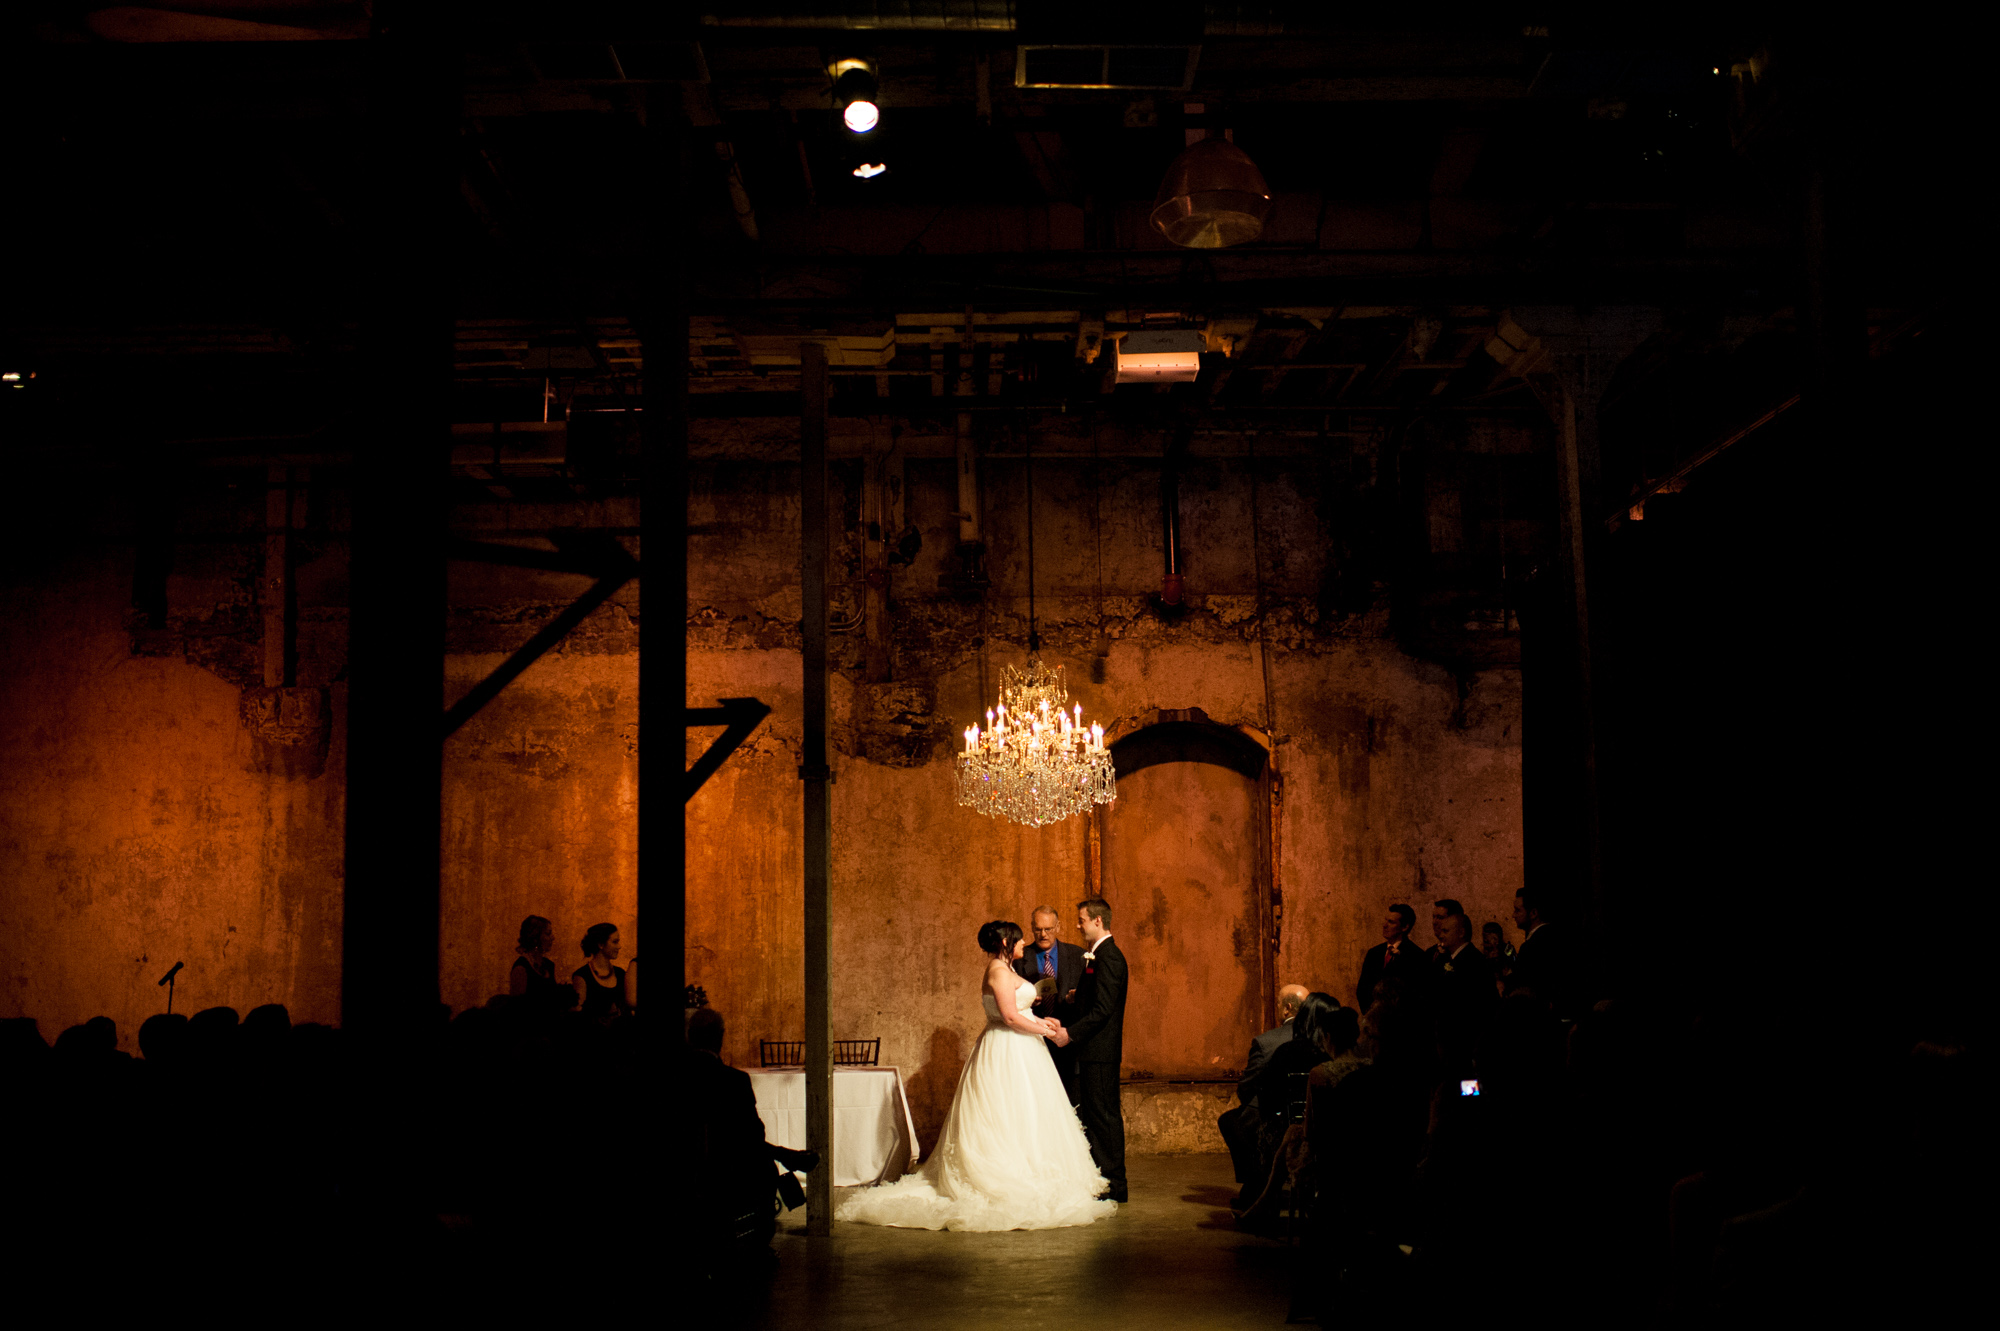 fermenting-Cellar-wedding-001.jpg